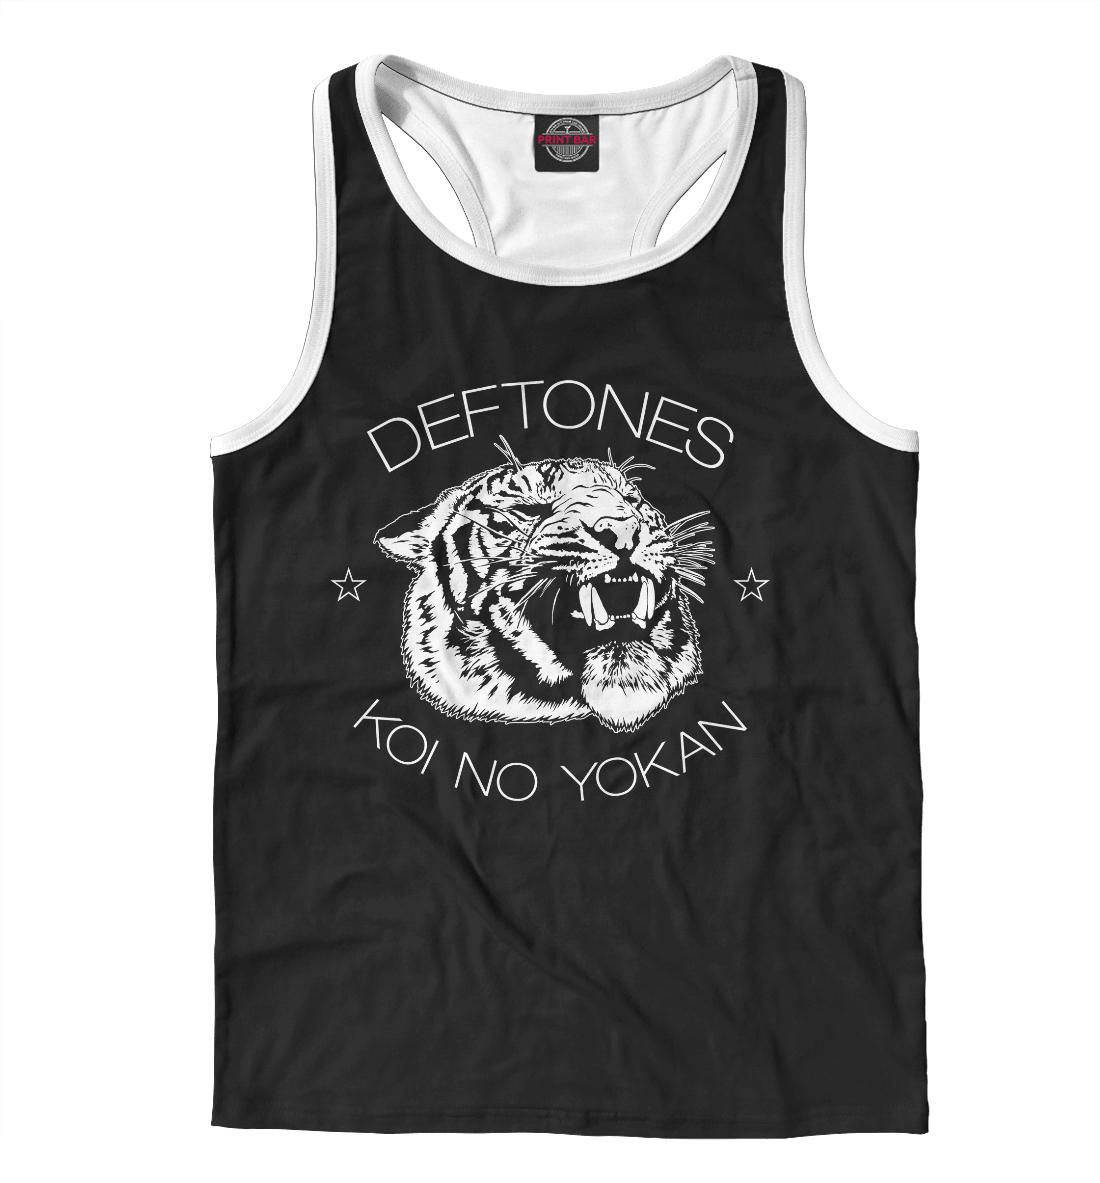 Купить Deftones, Printbar, Майки борцовки, MZK-703142-mayb-2